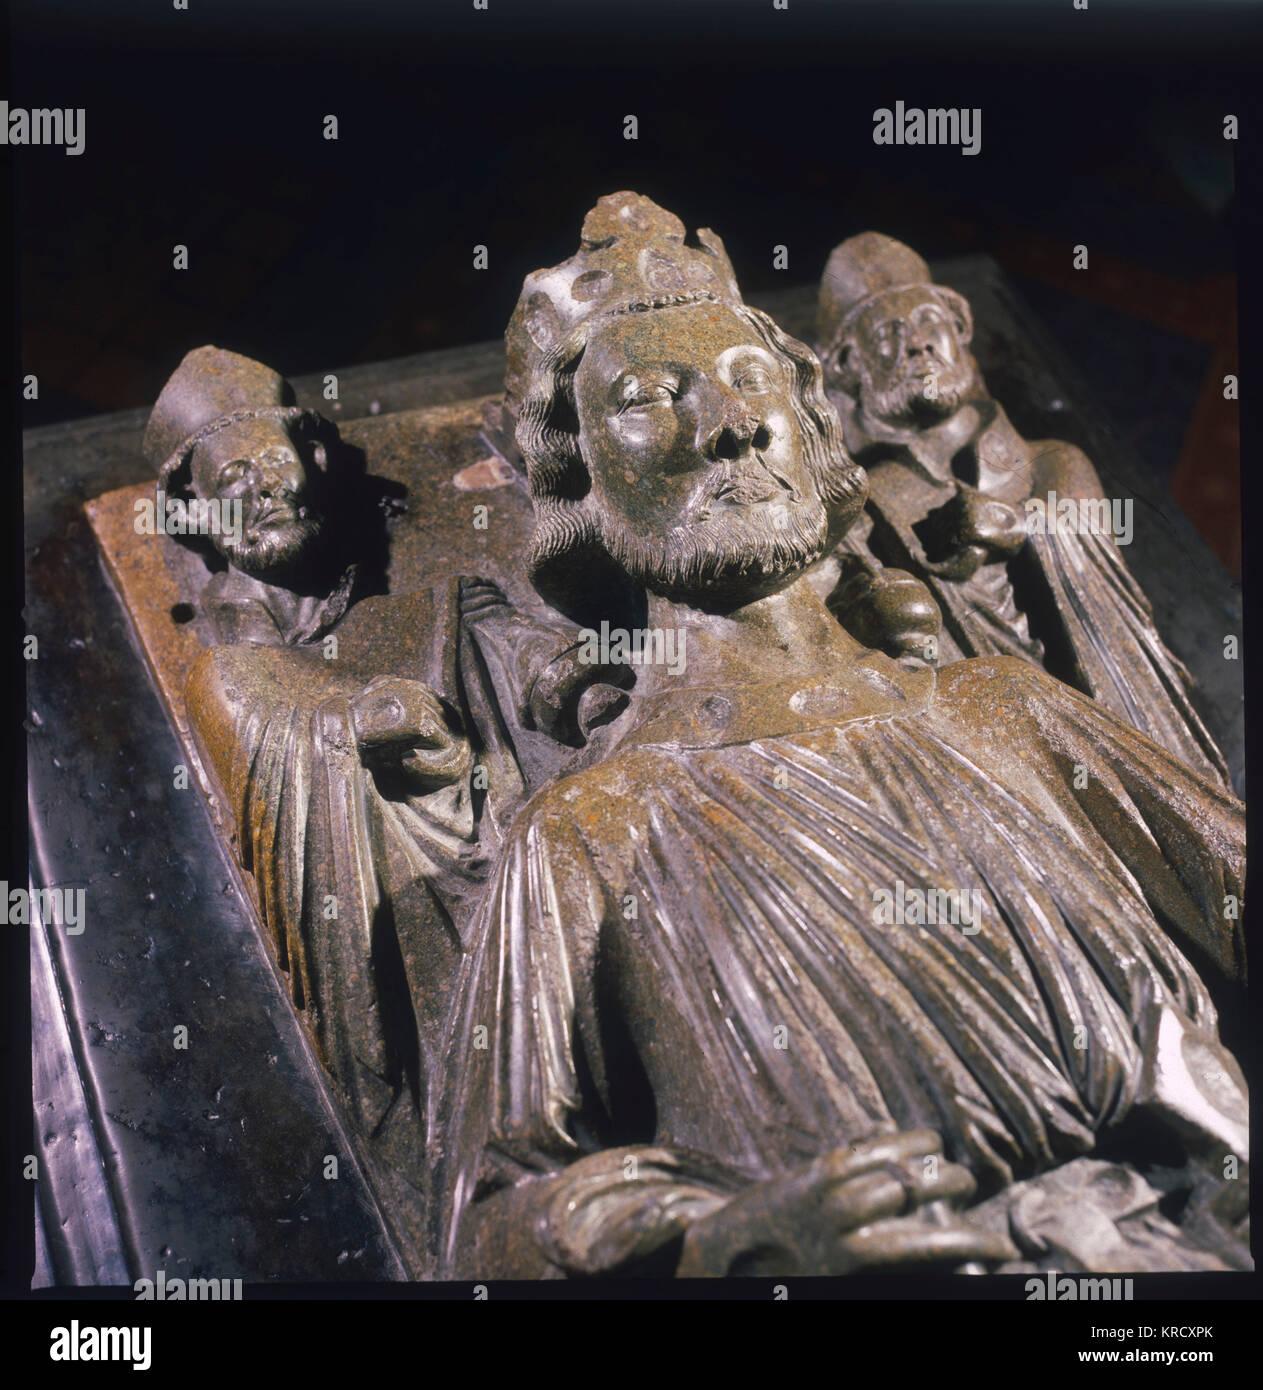 L'effigie du Roi Jean (1167 - 1216) sur sa tombe dans la Cathédrale de Worcester, Worcestershire, Angleterre. Photo Stock